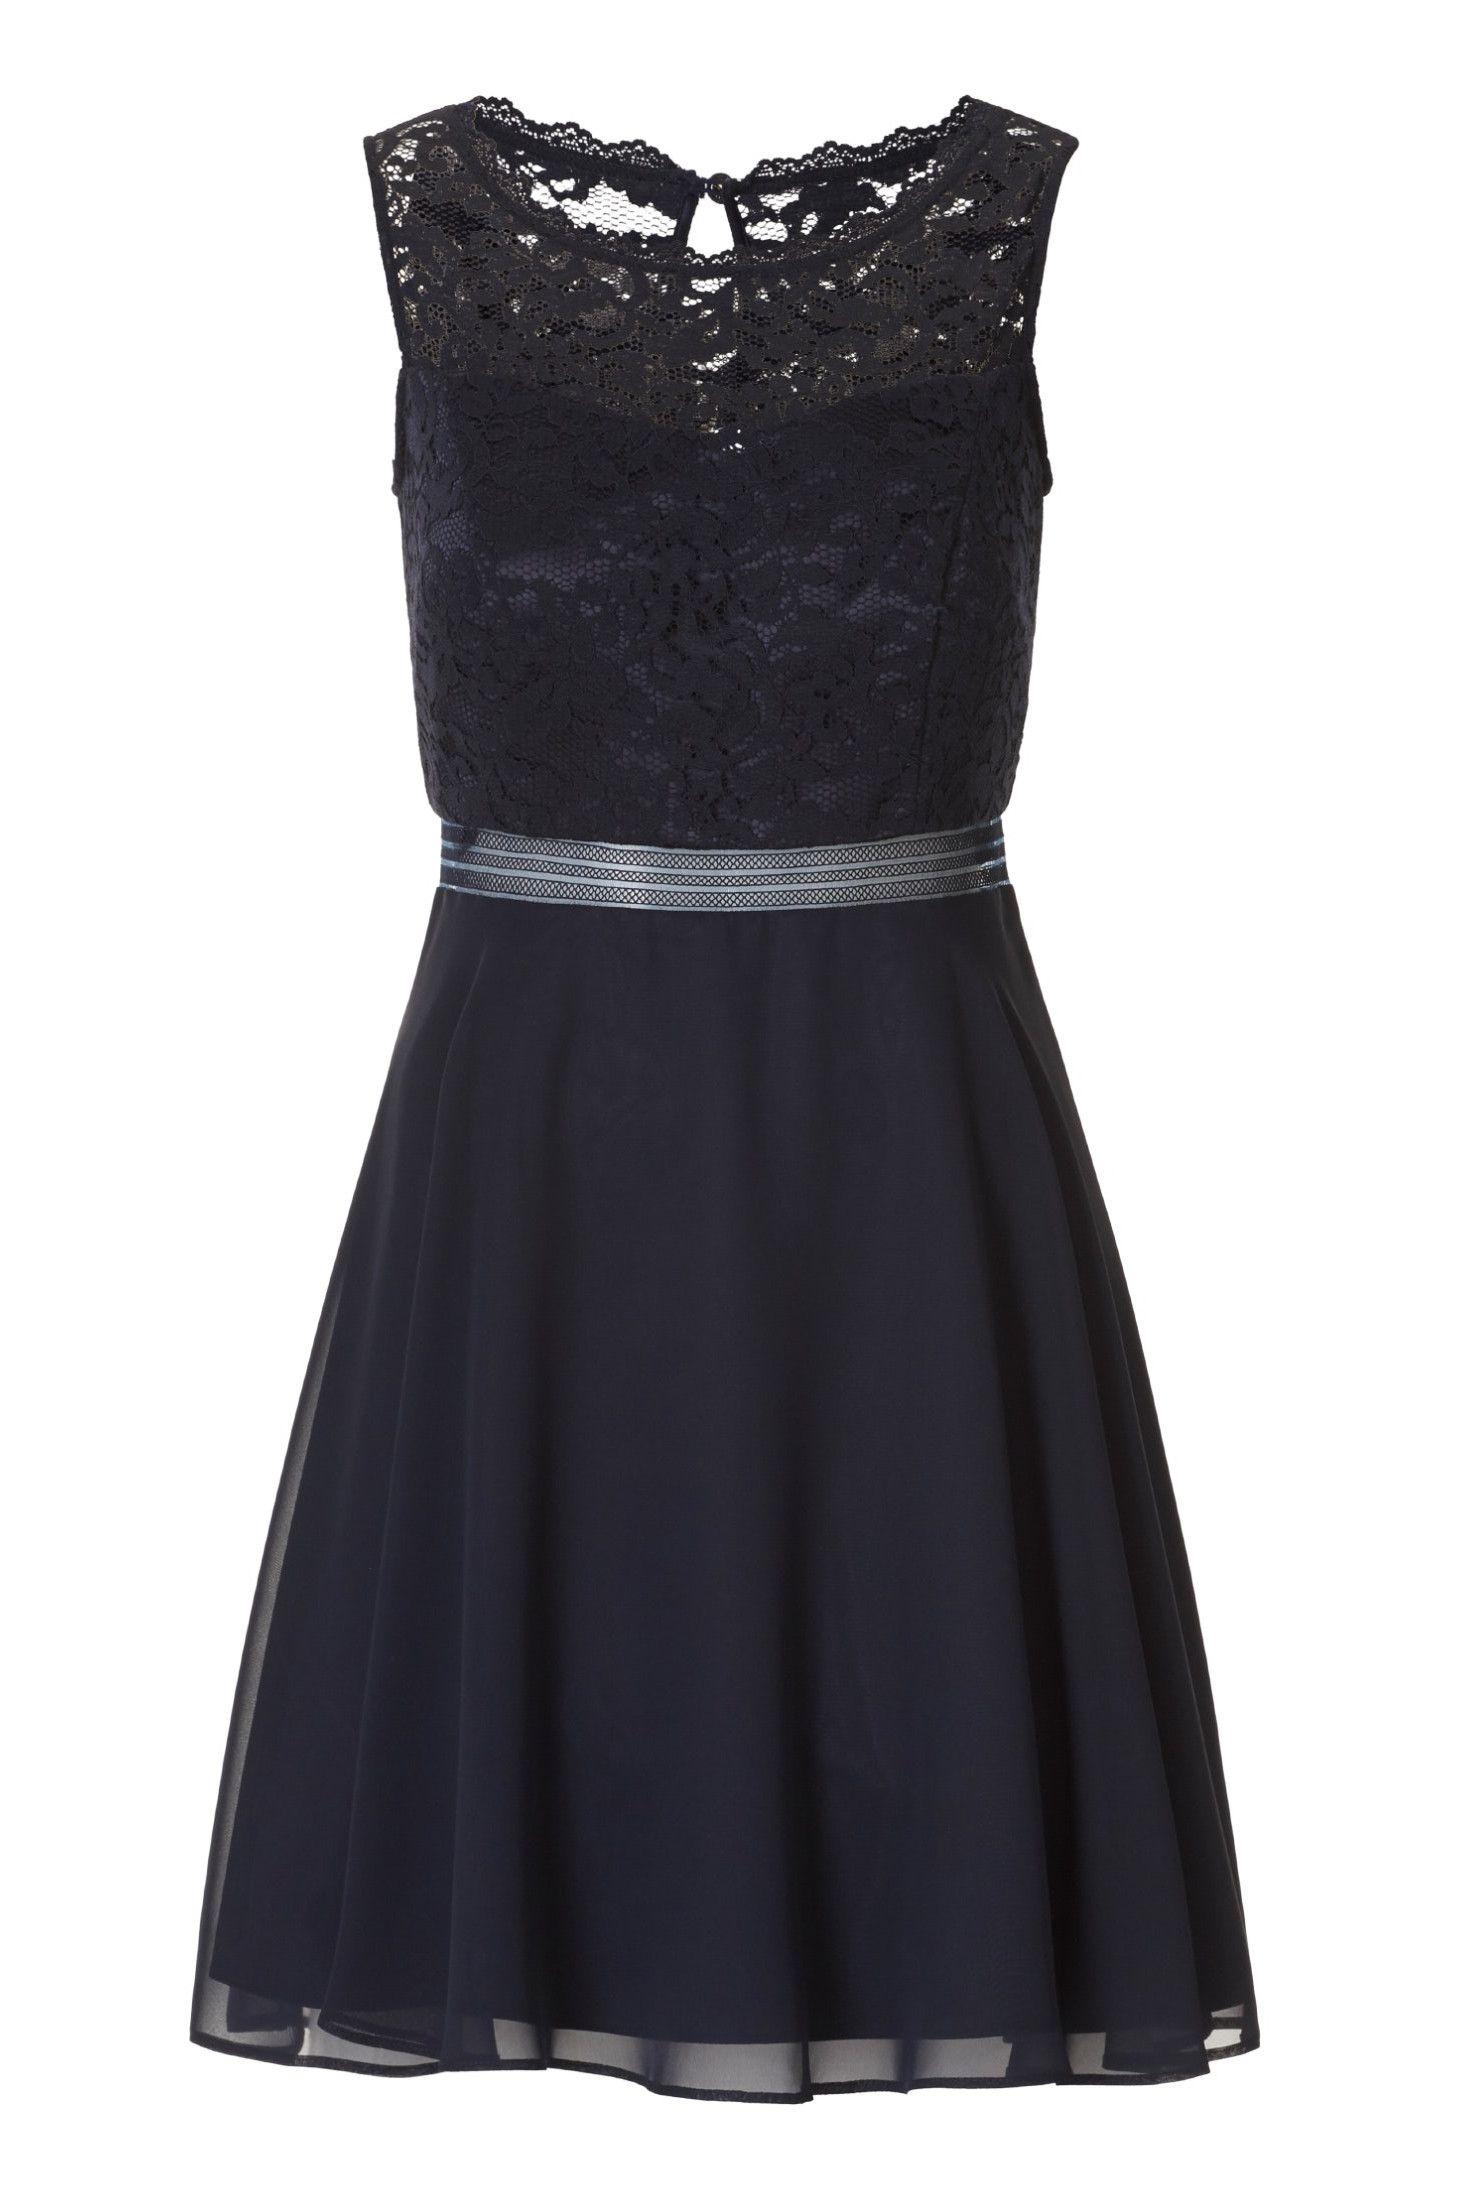 Leichtes Cocktailkleid • Kleid mit halbtransparentem